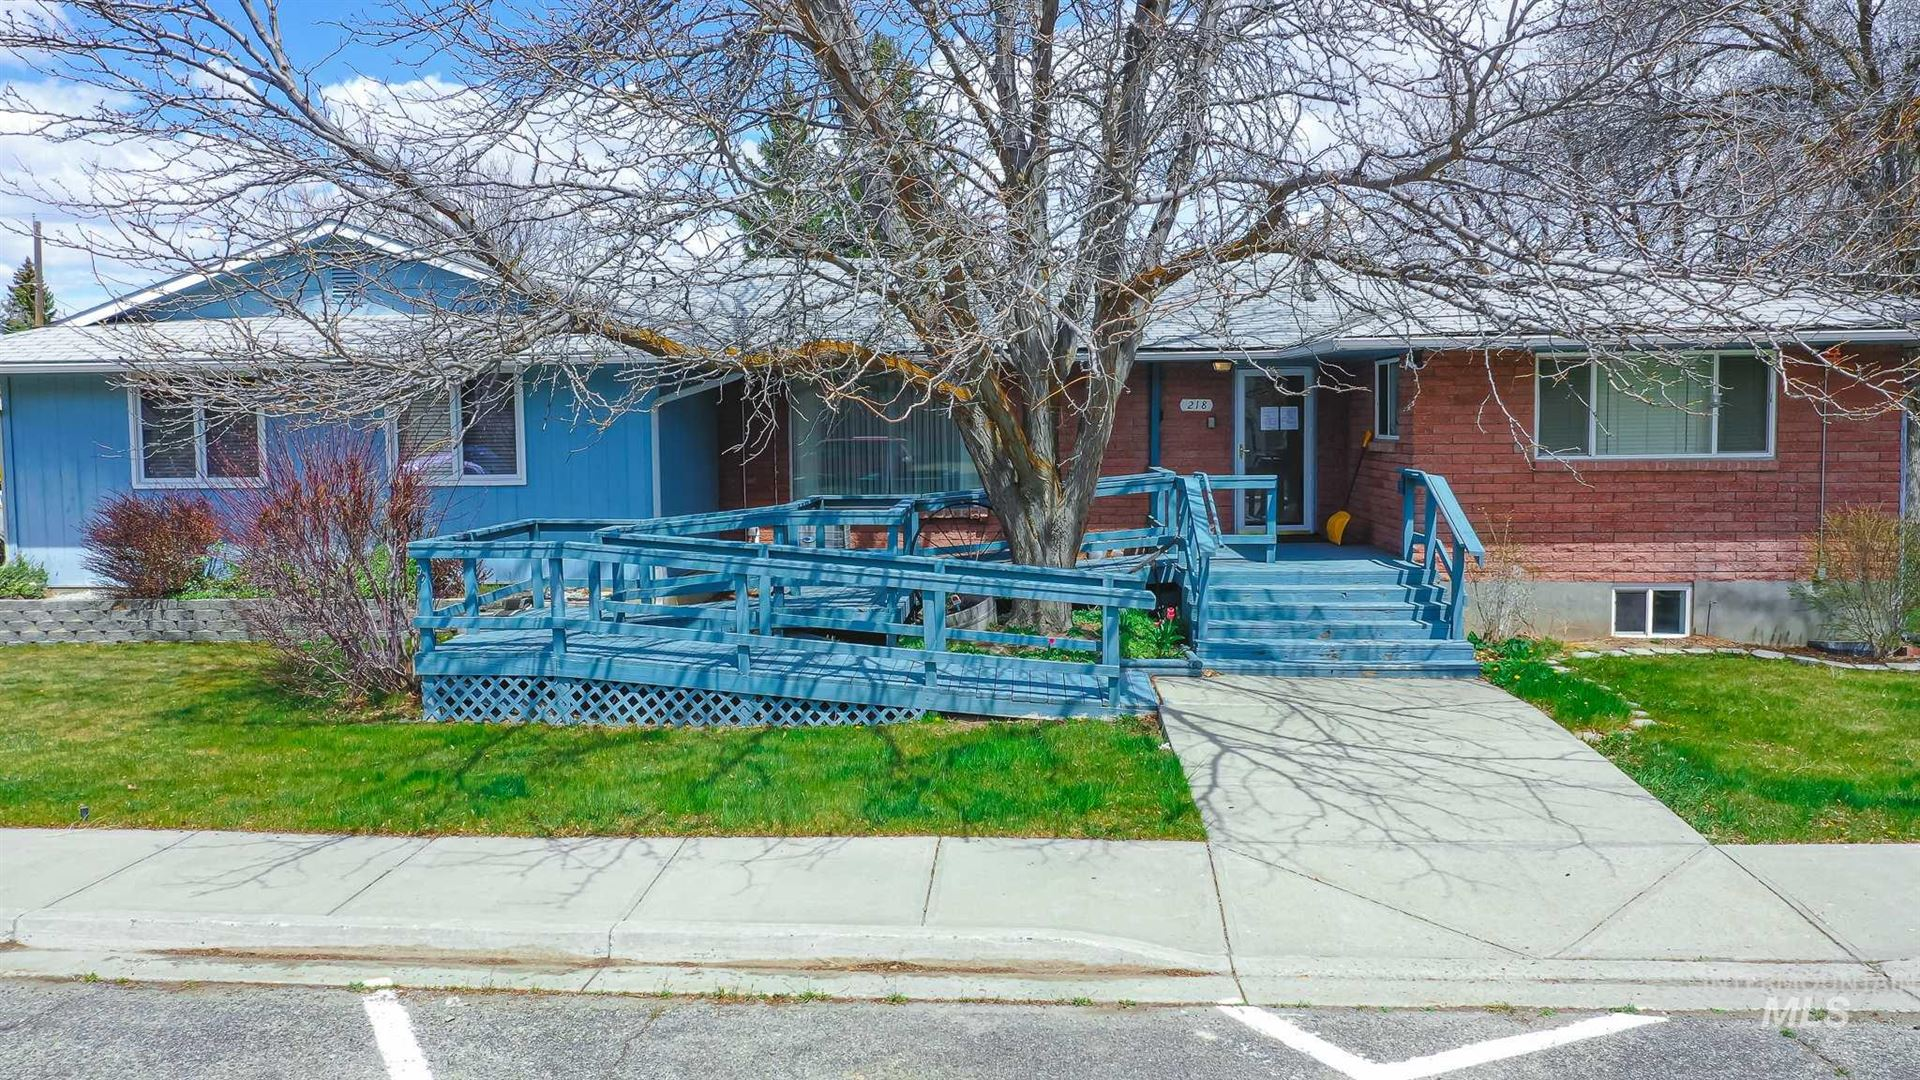 218 W B, Shoshone, ID 83352 - MLS#: 98794603